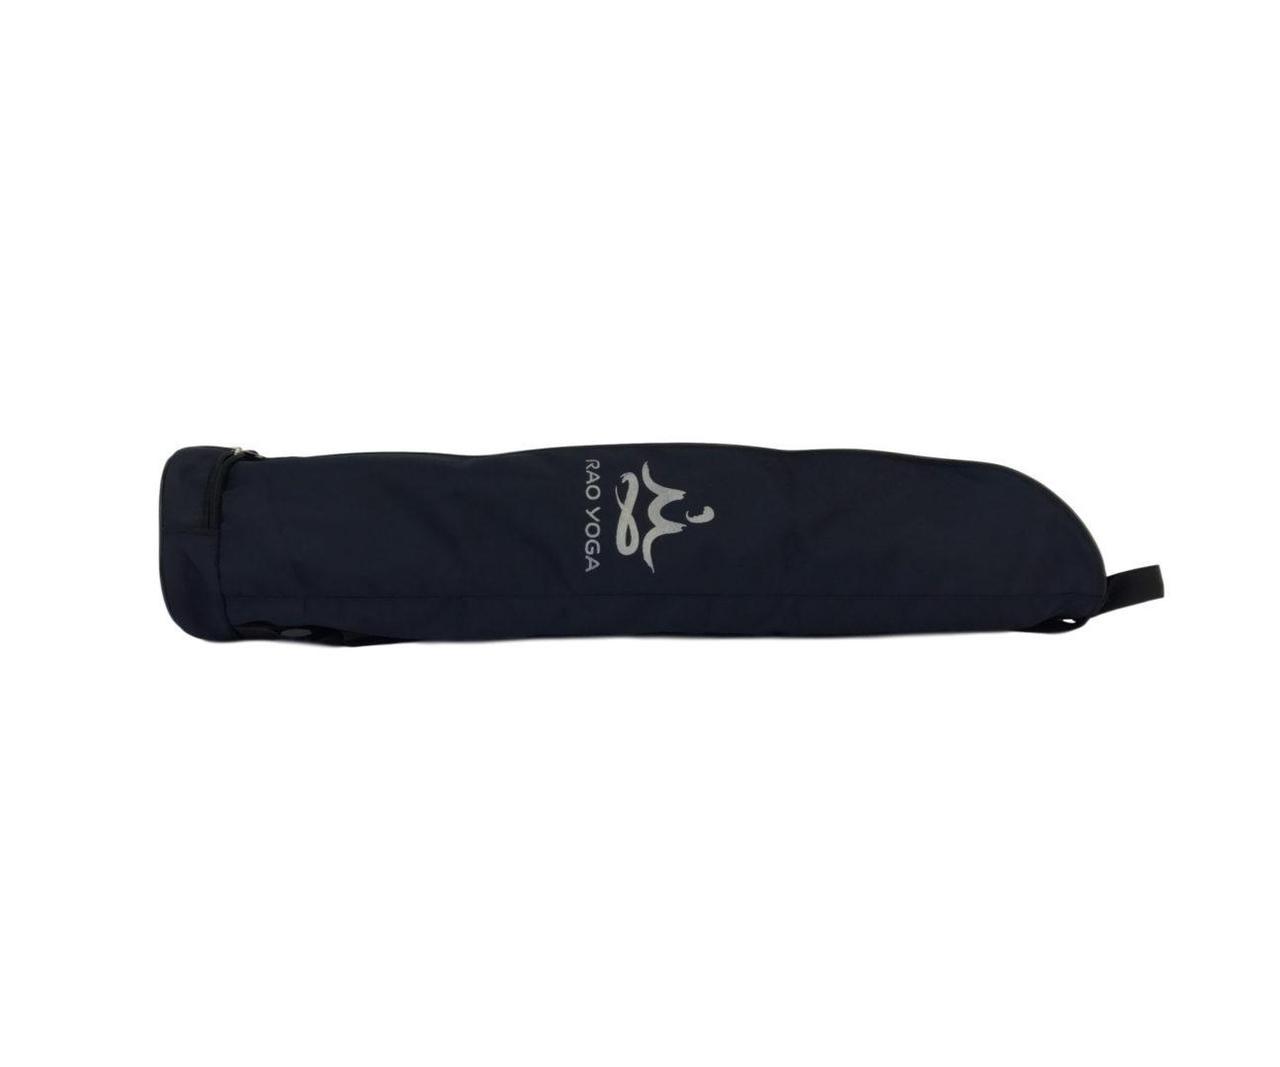 Сумка-чехол для йога-мата RAO Эксперт 65 х 21 см Черный (000000329)